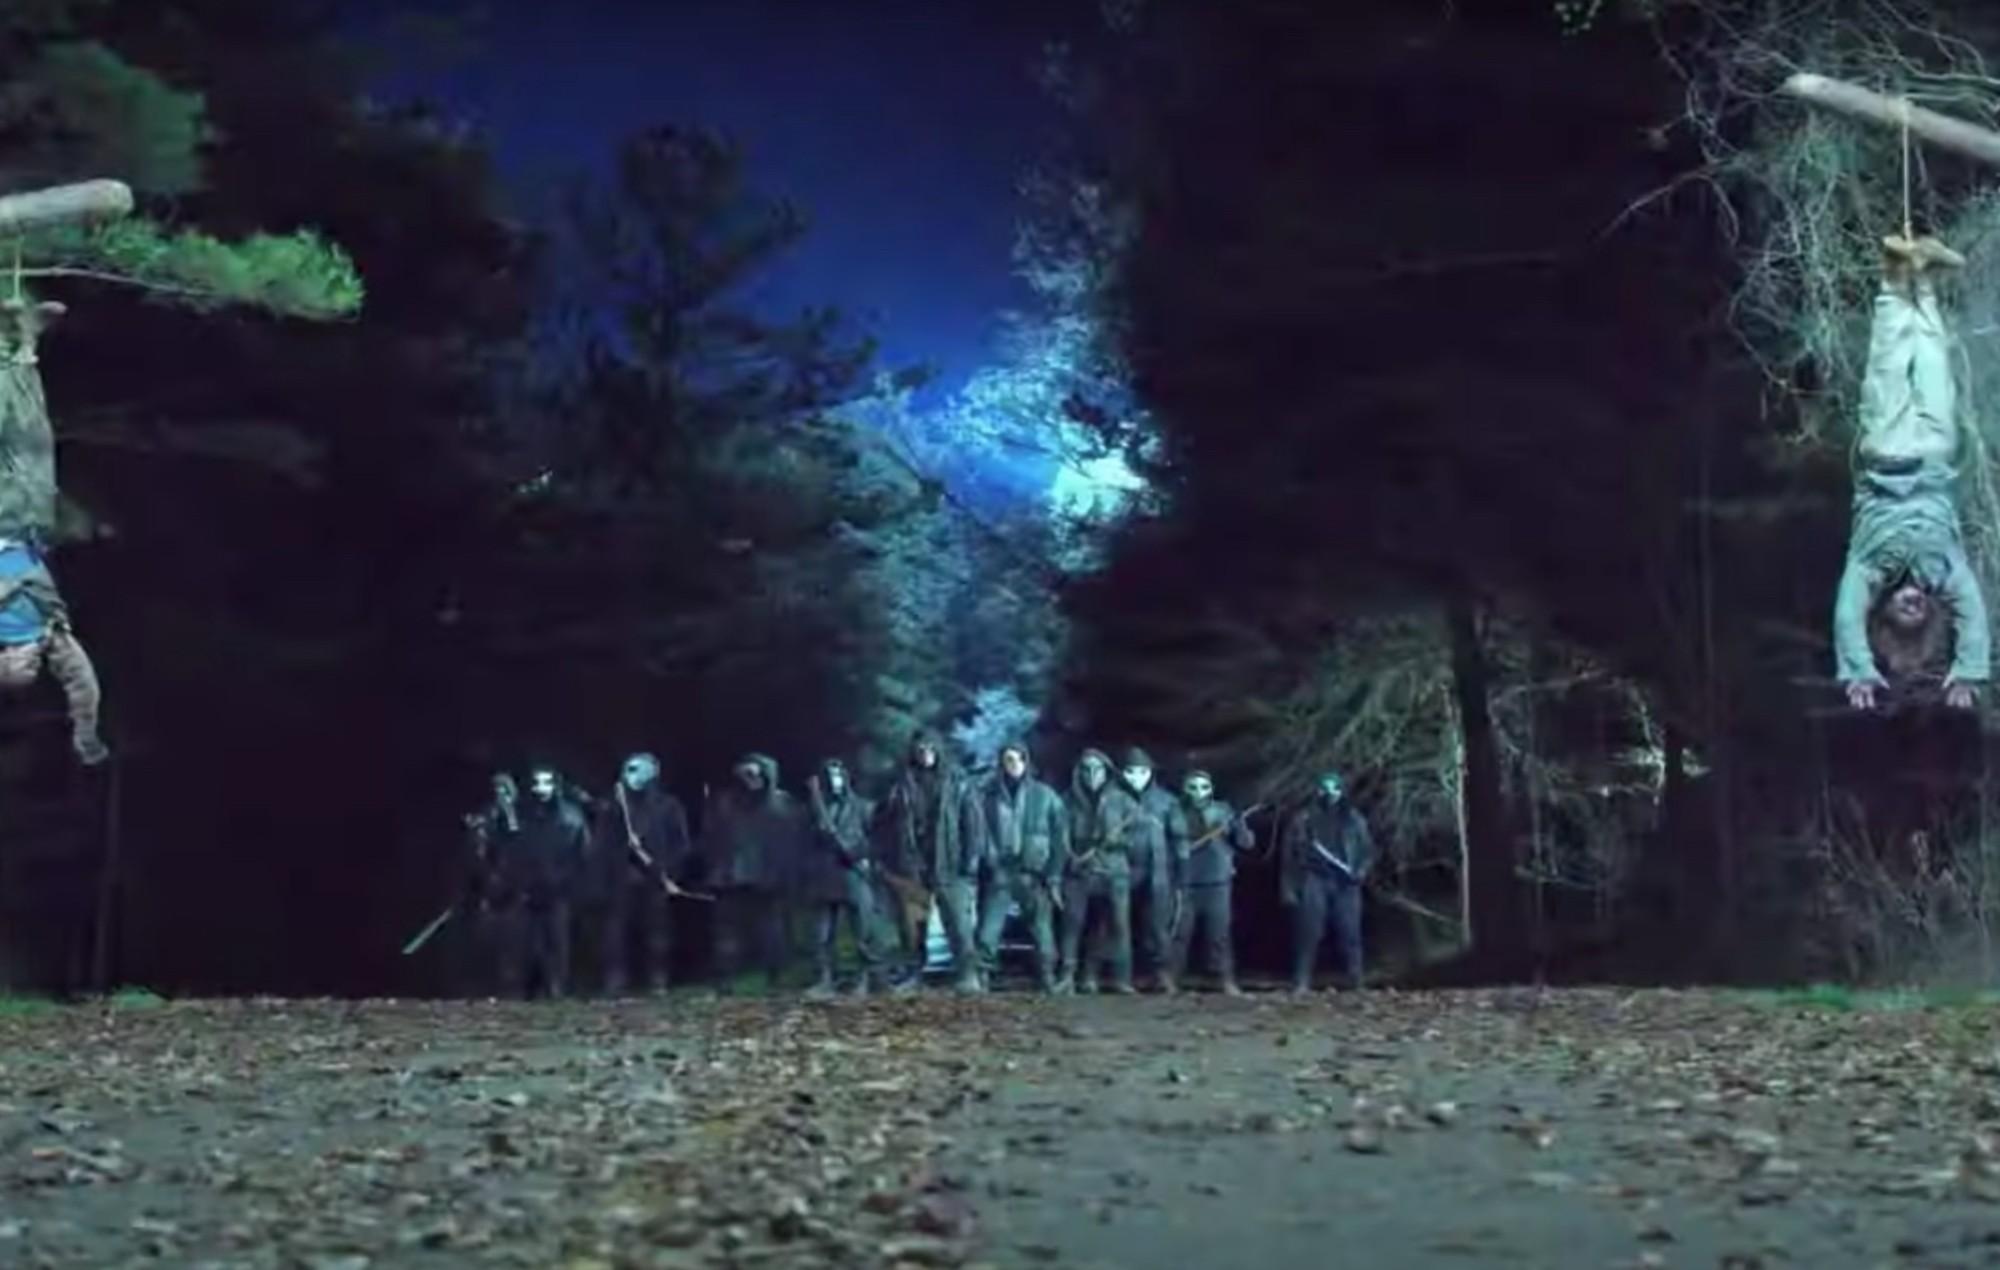 'The Walking Dead' season 11 trailer